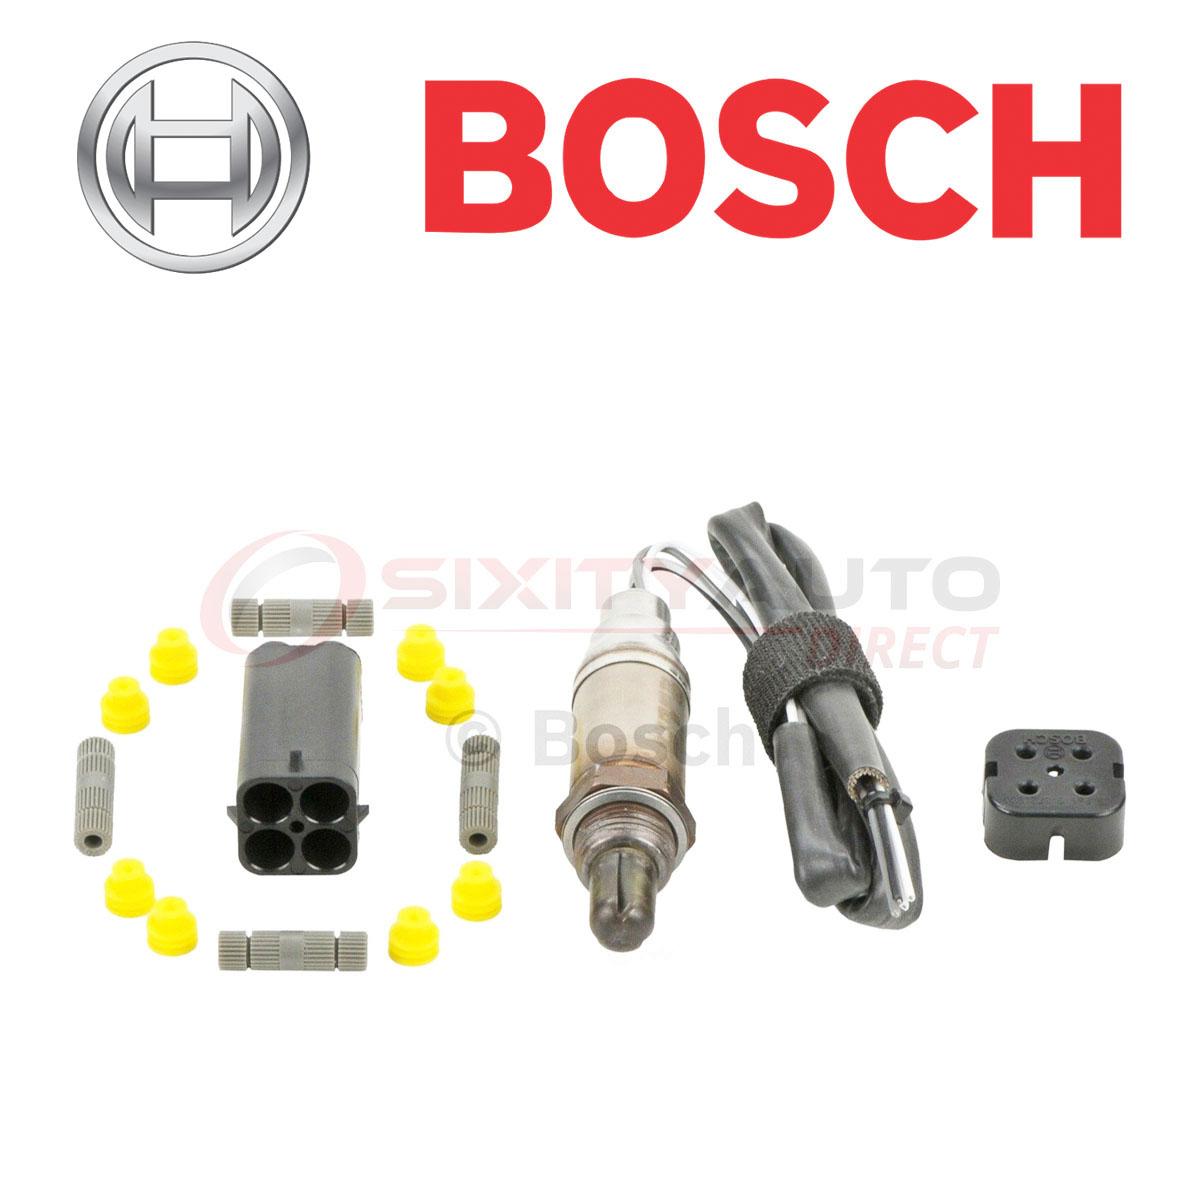 New Bosch Oxygen O2 Sensor for 1999-2001 Silverado Sierra Suburban Yukon XL 6.0L